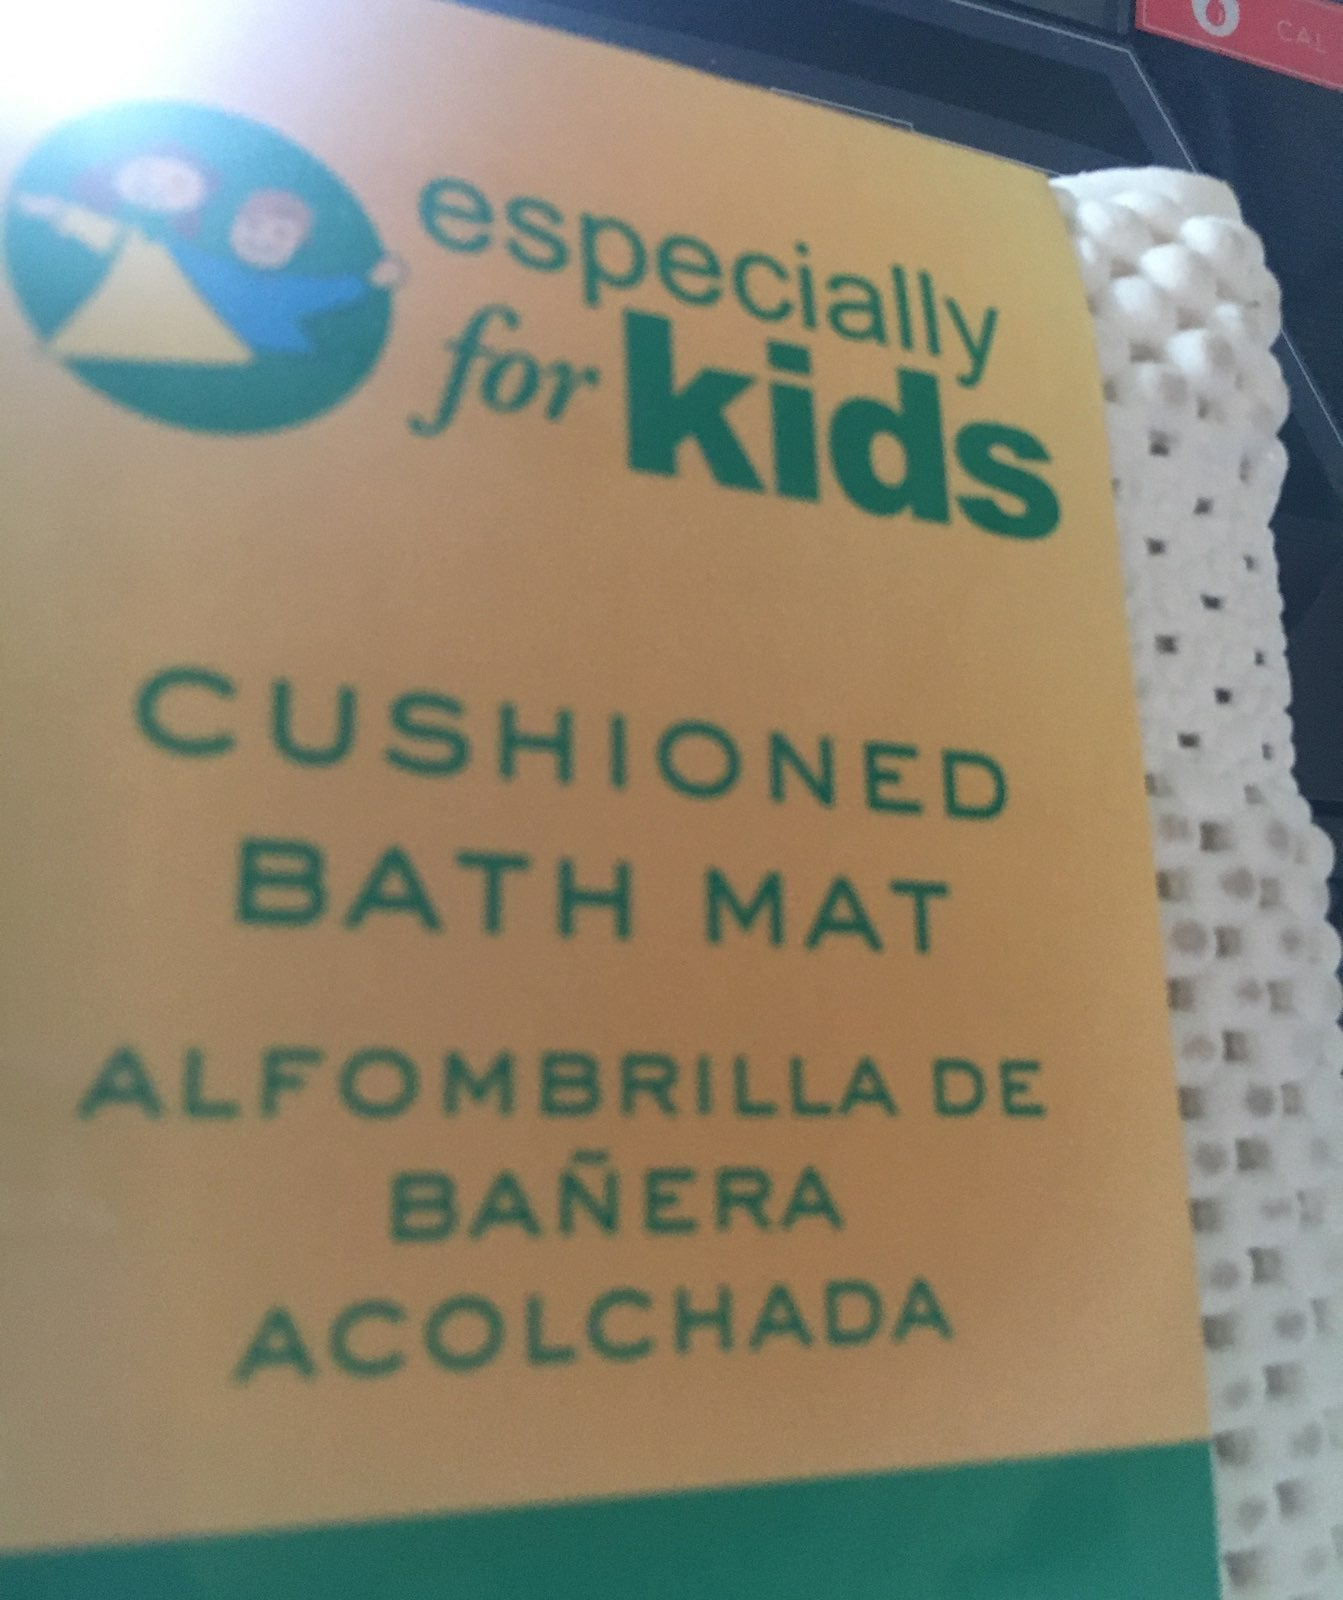 Cushioned bath mat